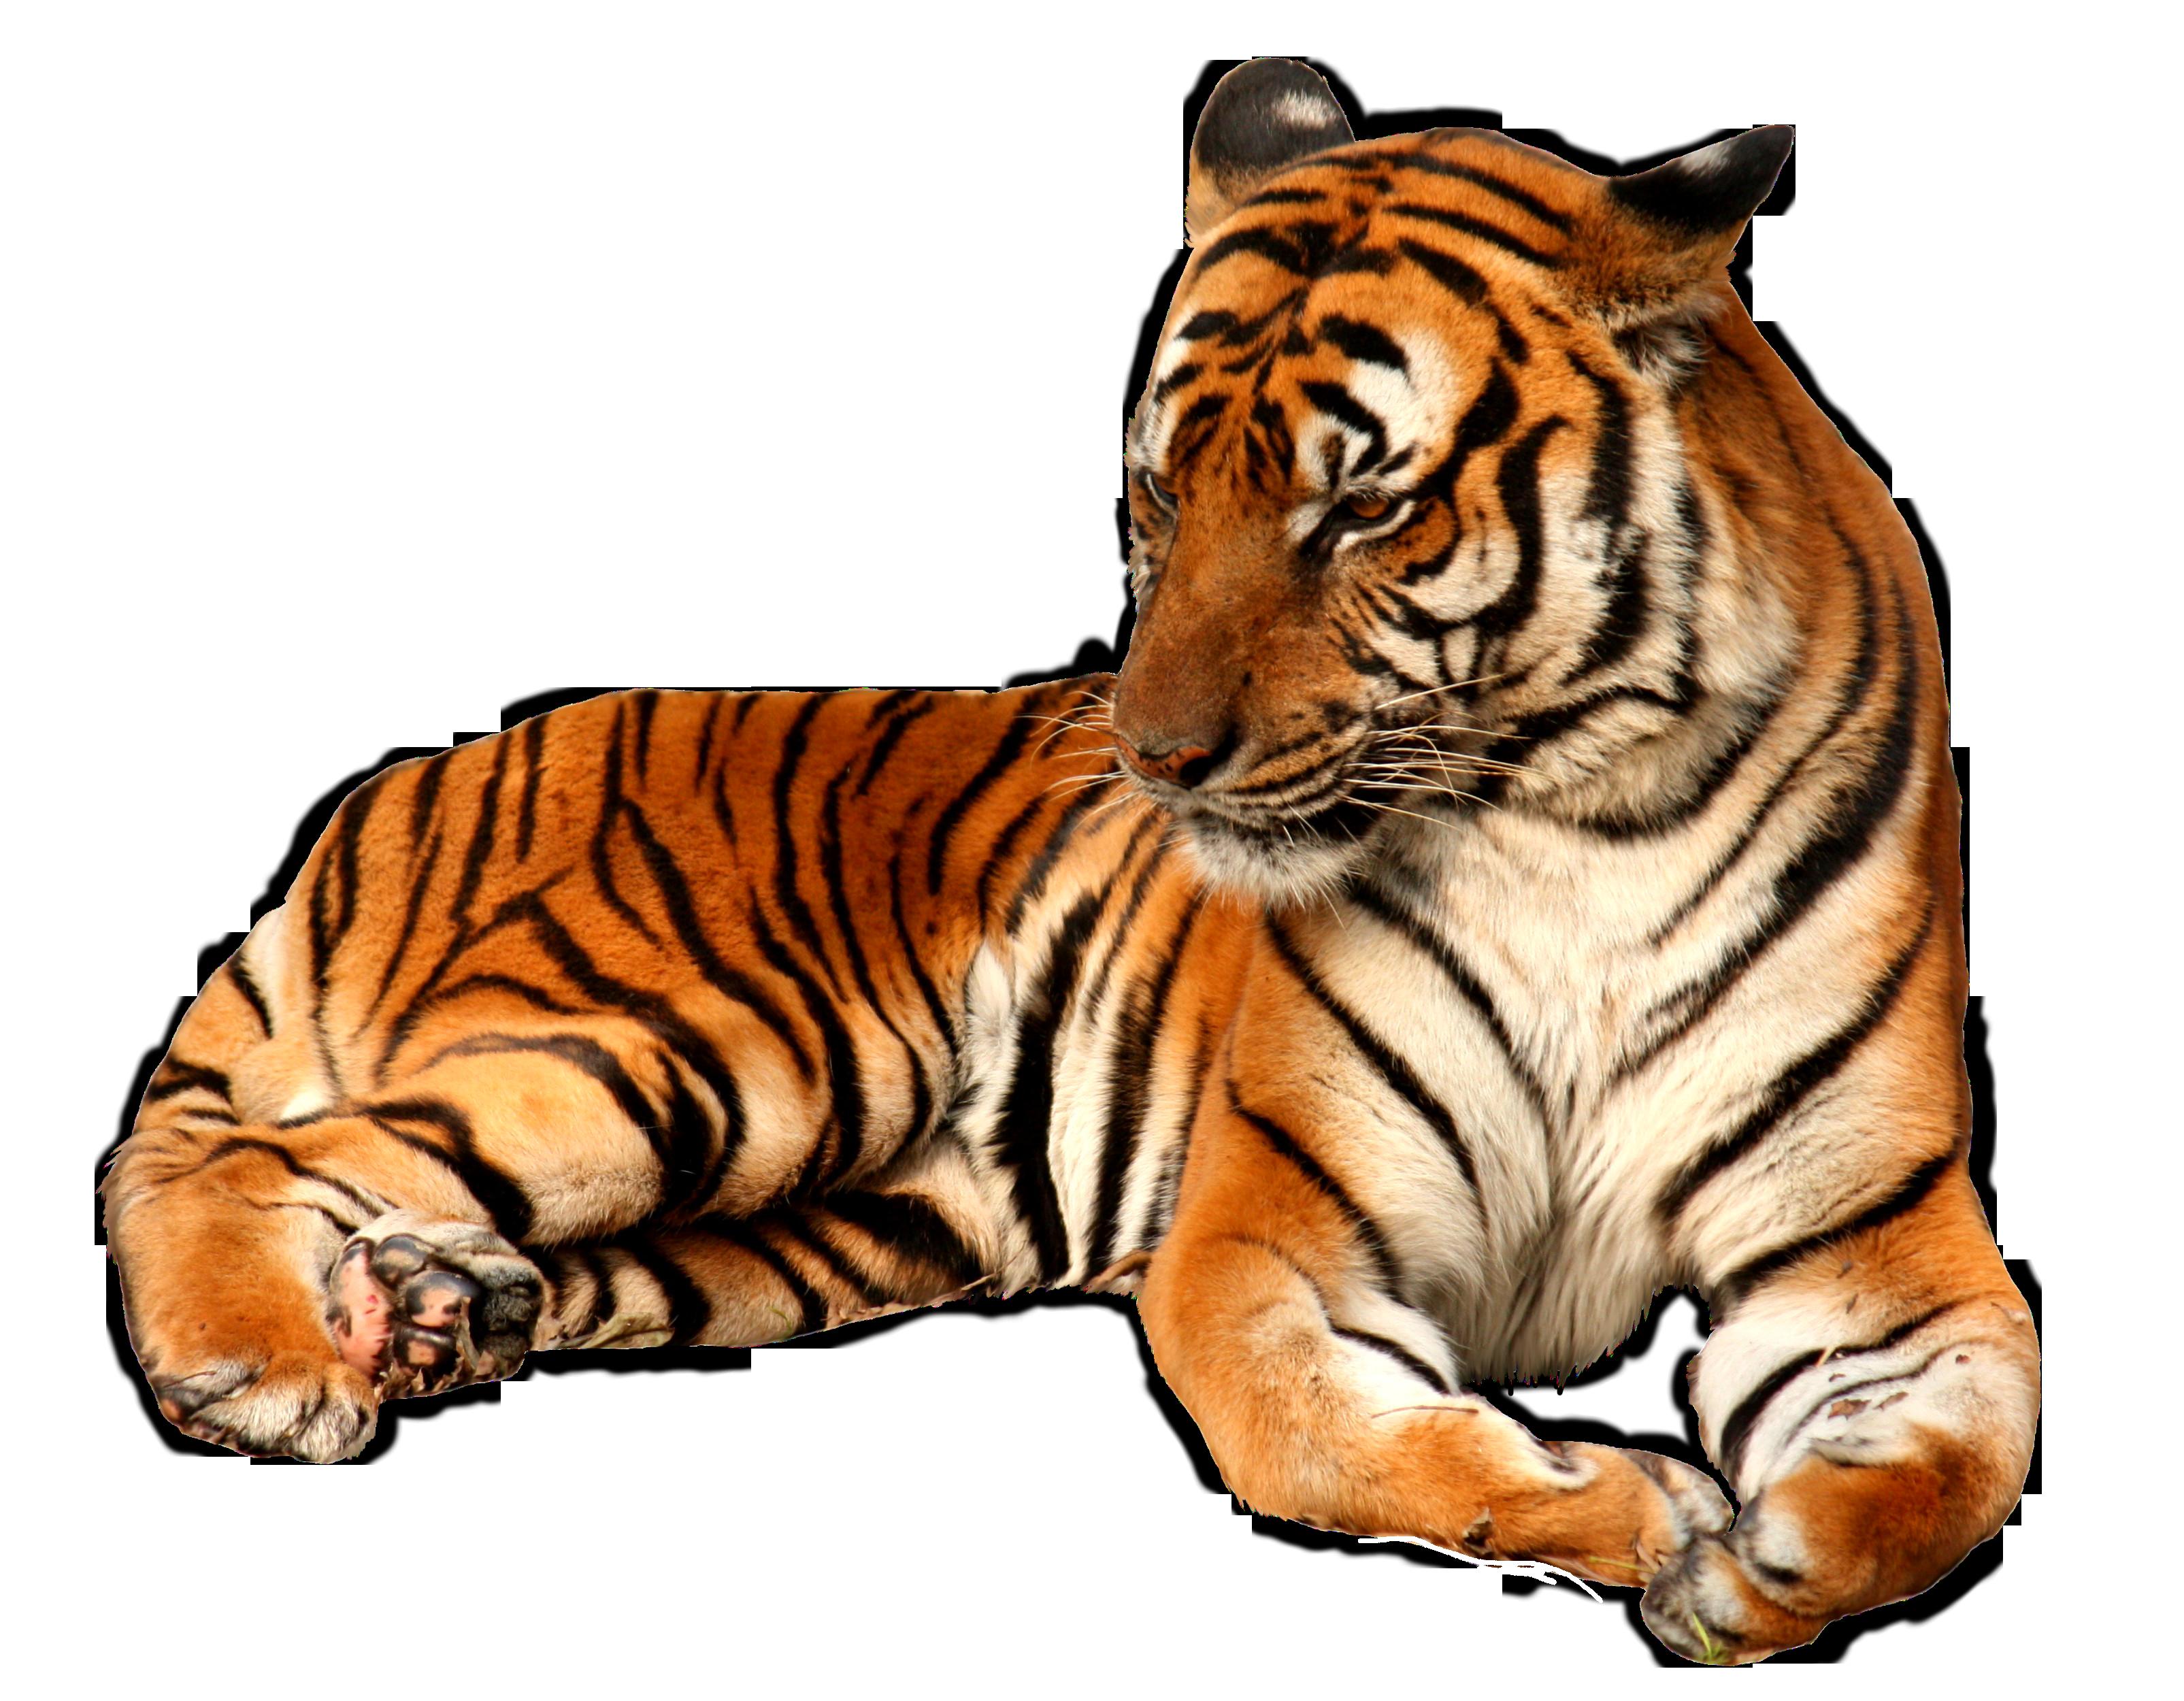 Tiger PNG - 5556